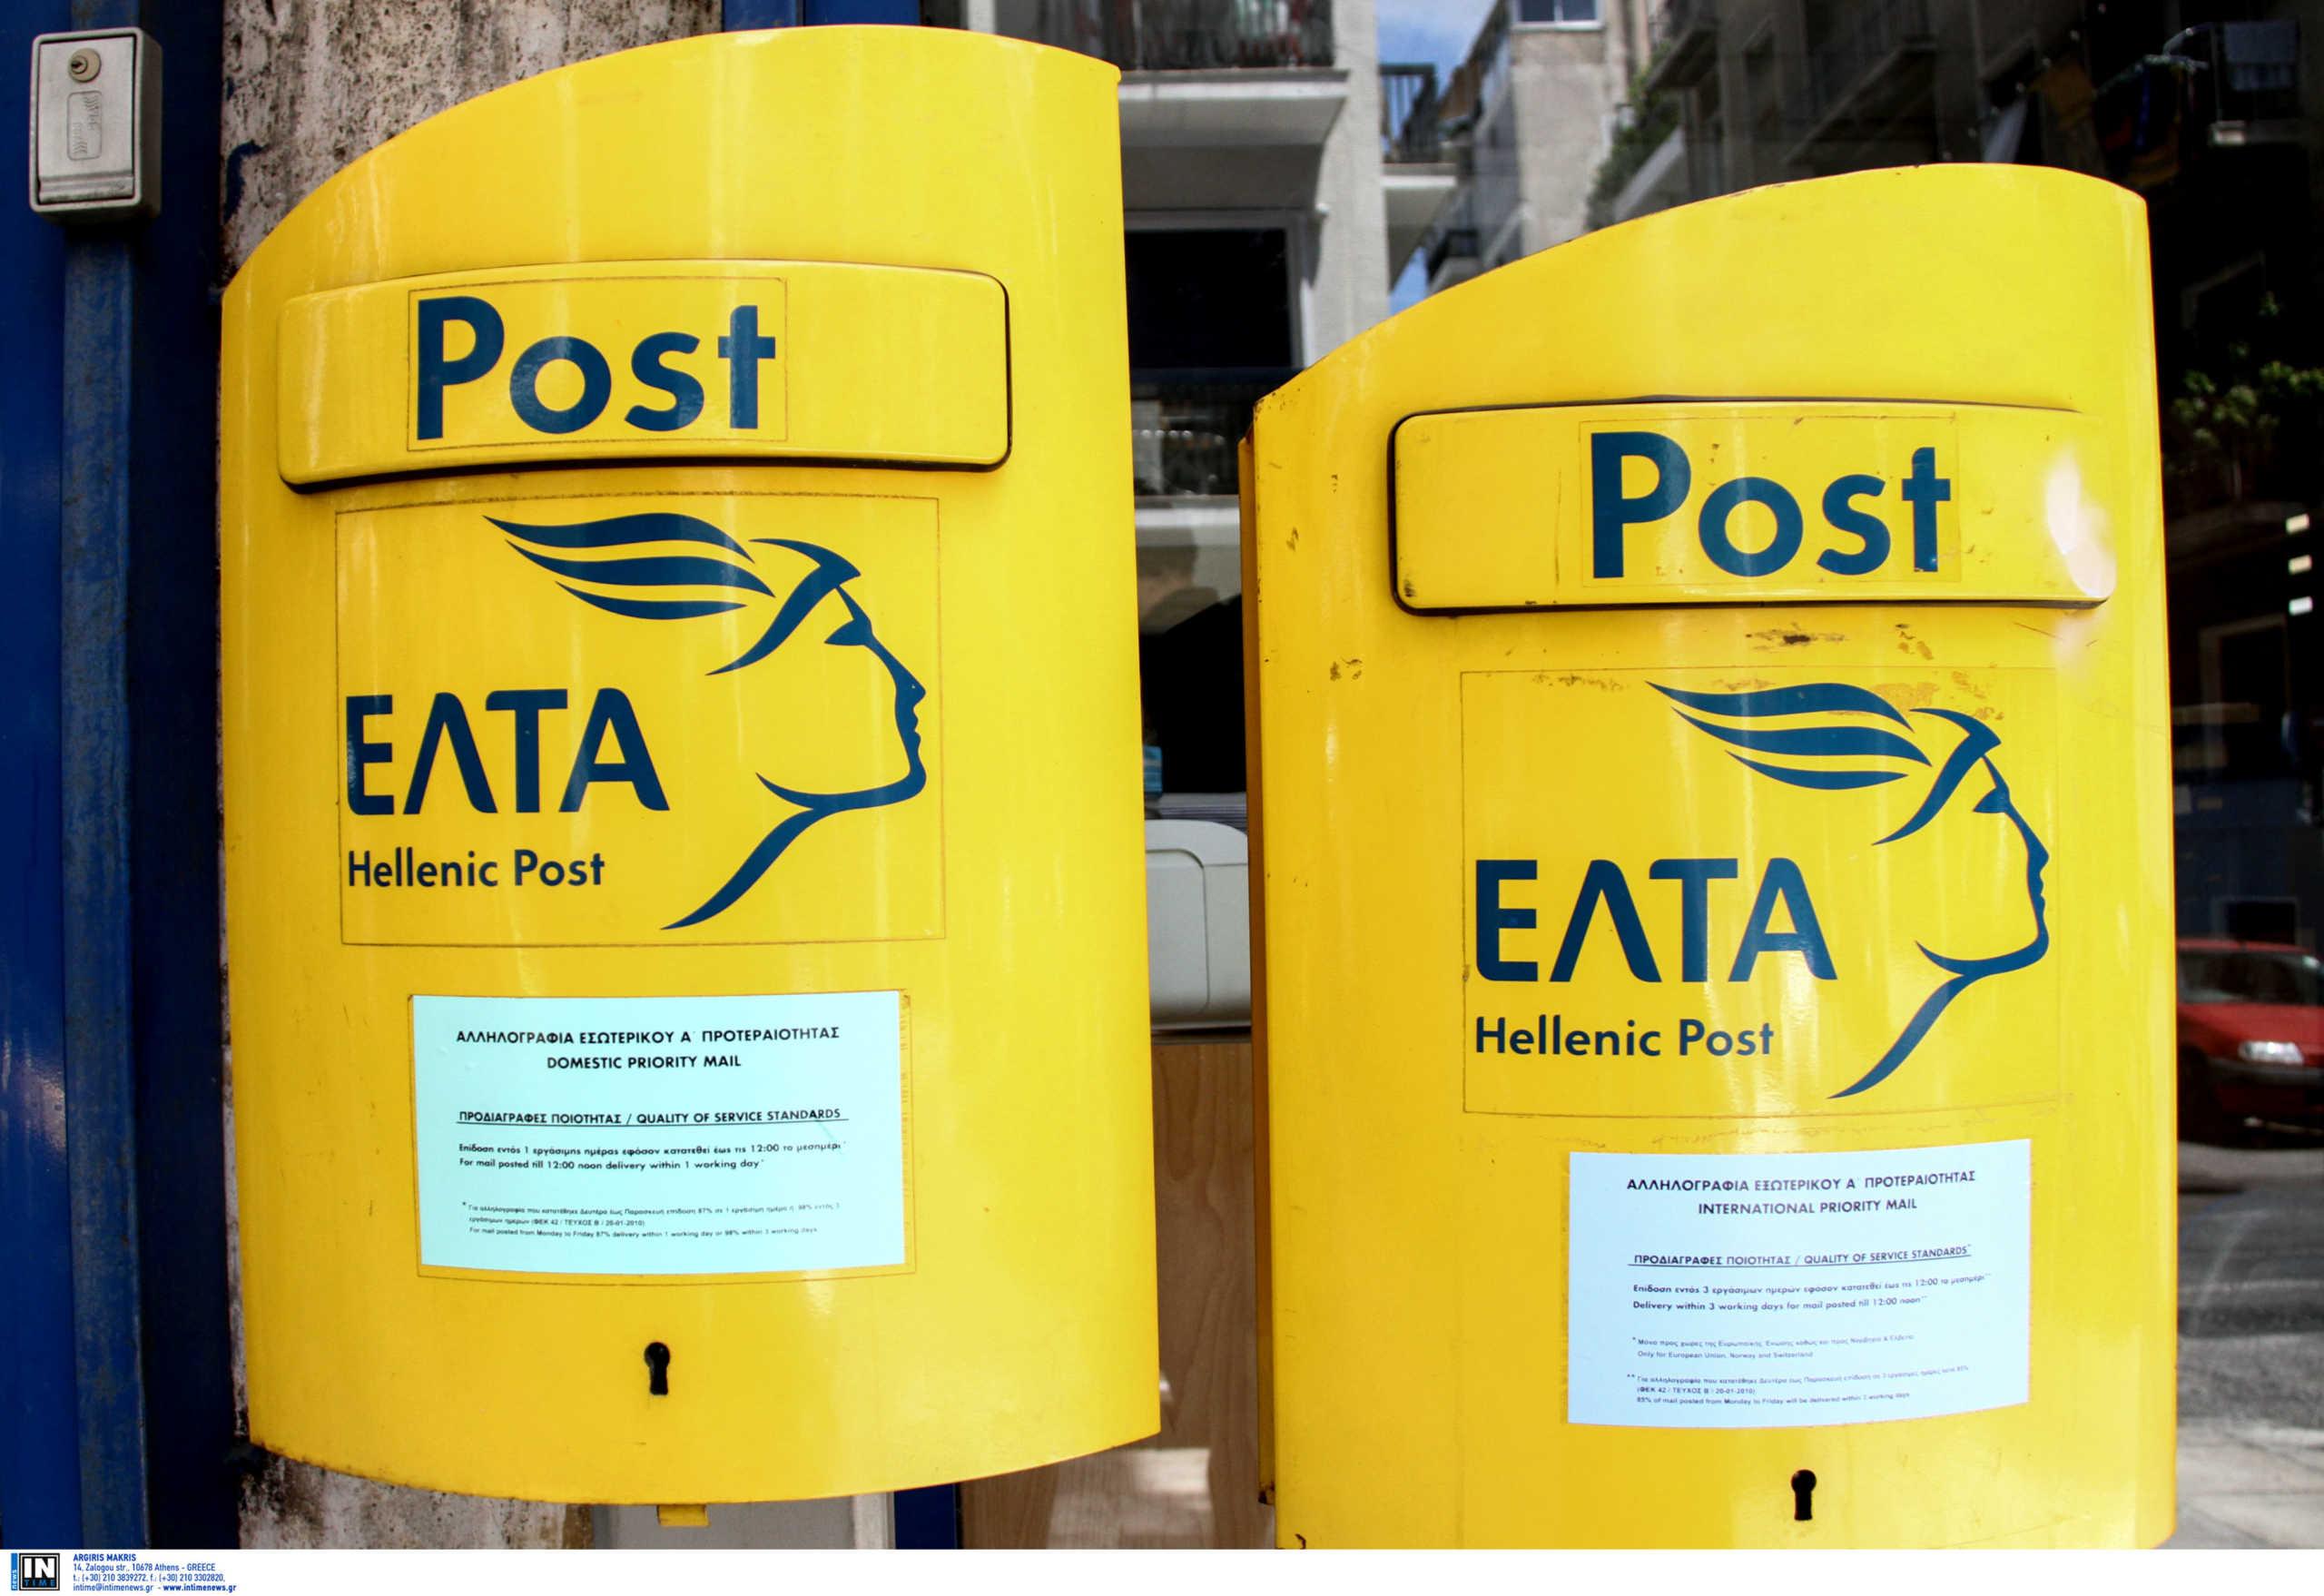 Ποιο είναι το ωράριο λειτουργίας υπηρεσιών ταχυδρομείου και ταχυμεταφορών